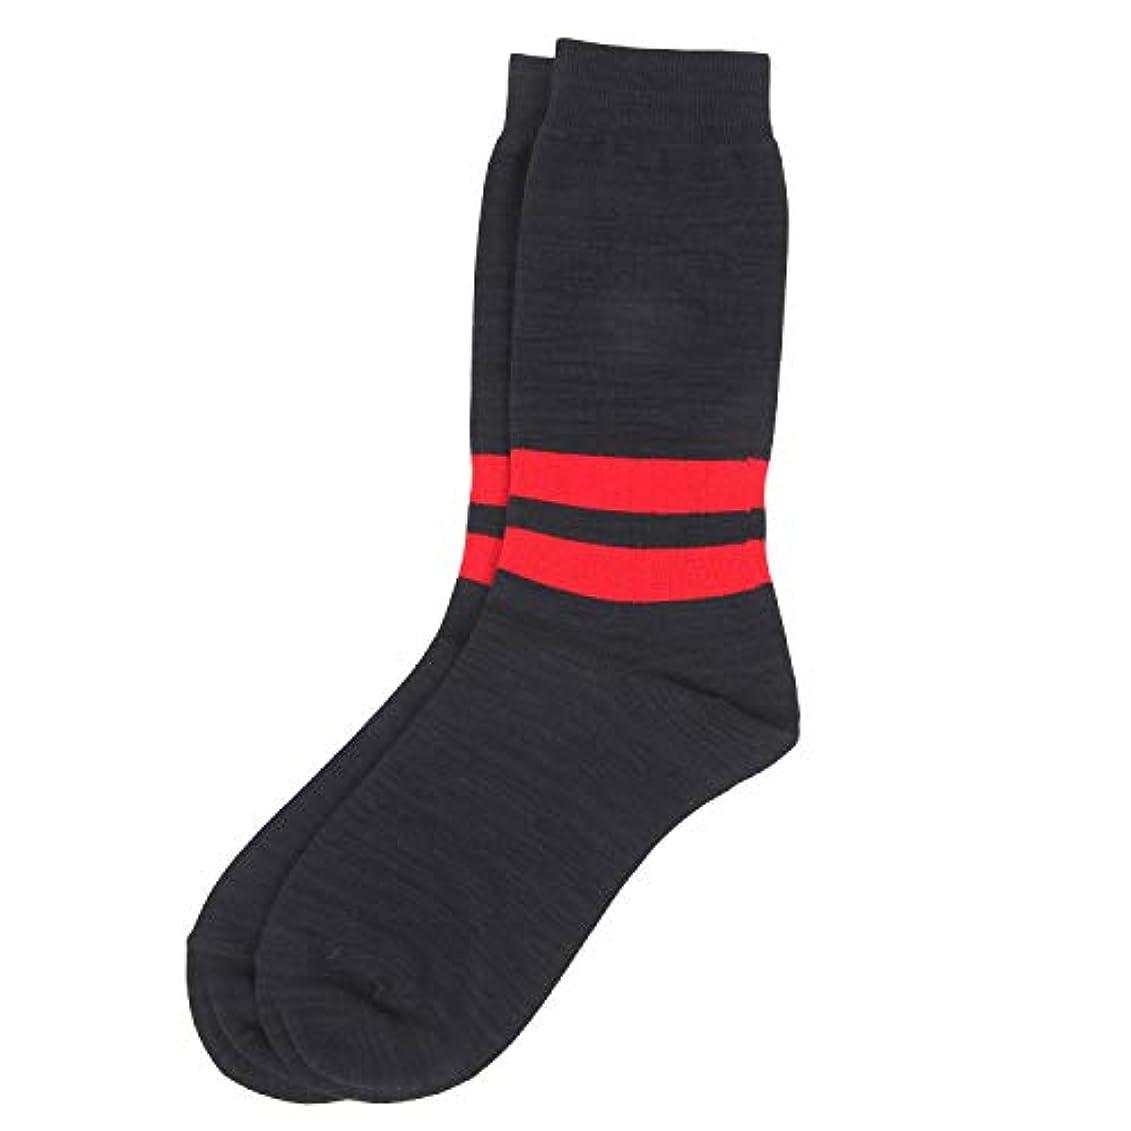 集めるカンガルー試してみるDeol(デオル) ラインソックス 男性用 メンズ [足のニオイ対策] 長期間持続 日本製 無地 靴下 紺 25cm-27cm